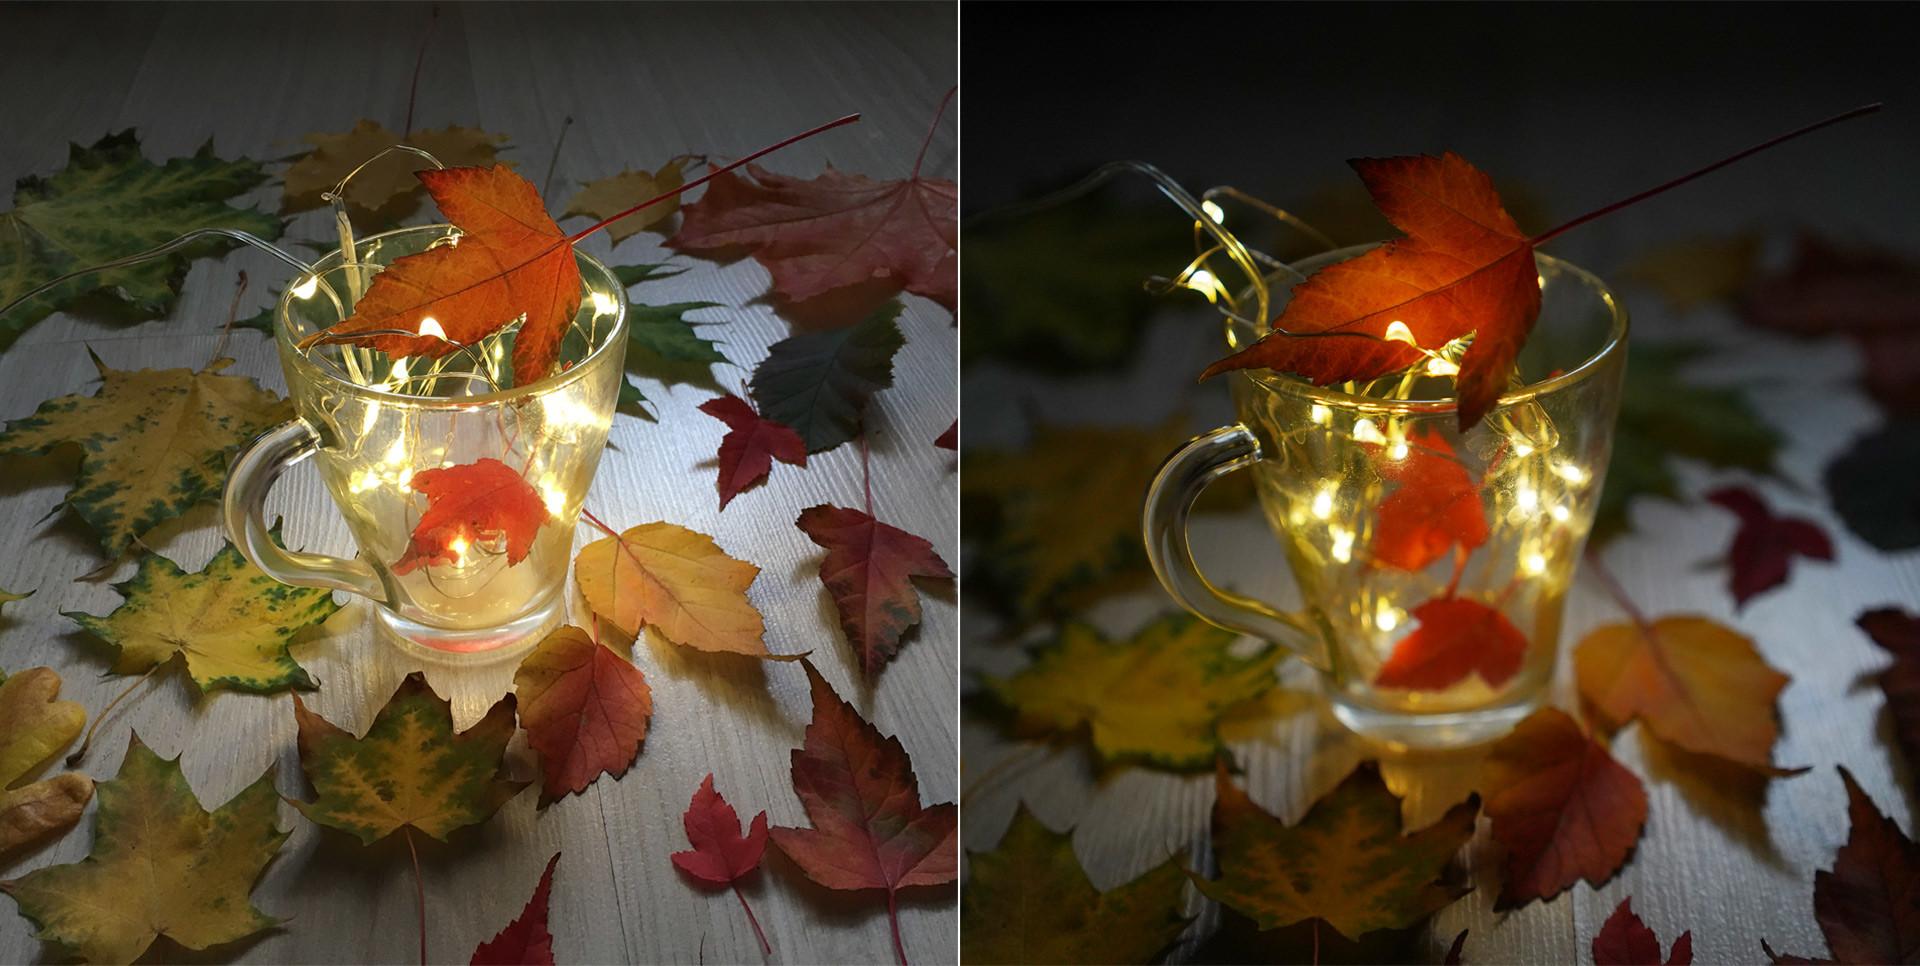 Слева фотография, созданная на iPhone 6s, справа — на Sony A7 Mark III. Фото: © Tатьяна Руденко